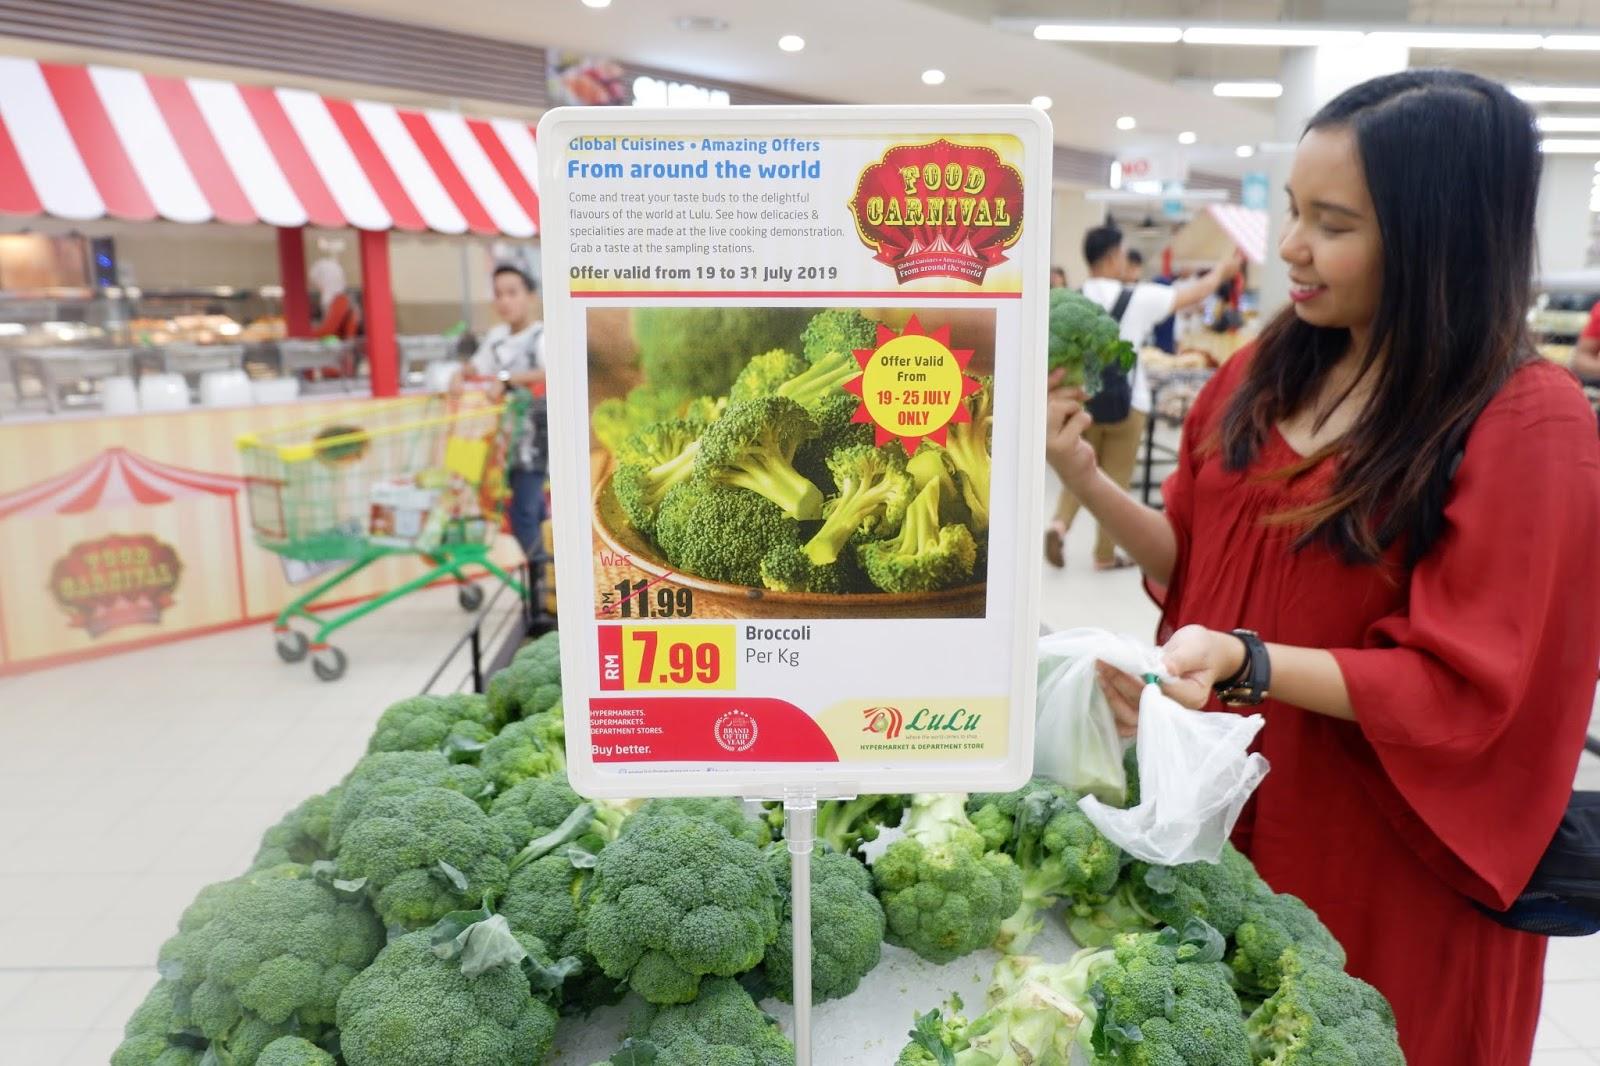 Sara Wanderlust: FOOD CARNIVAL @ Lulu Hypermarket & Department Store